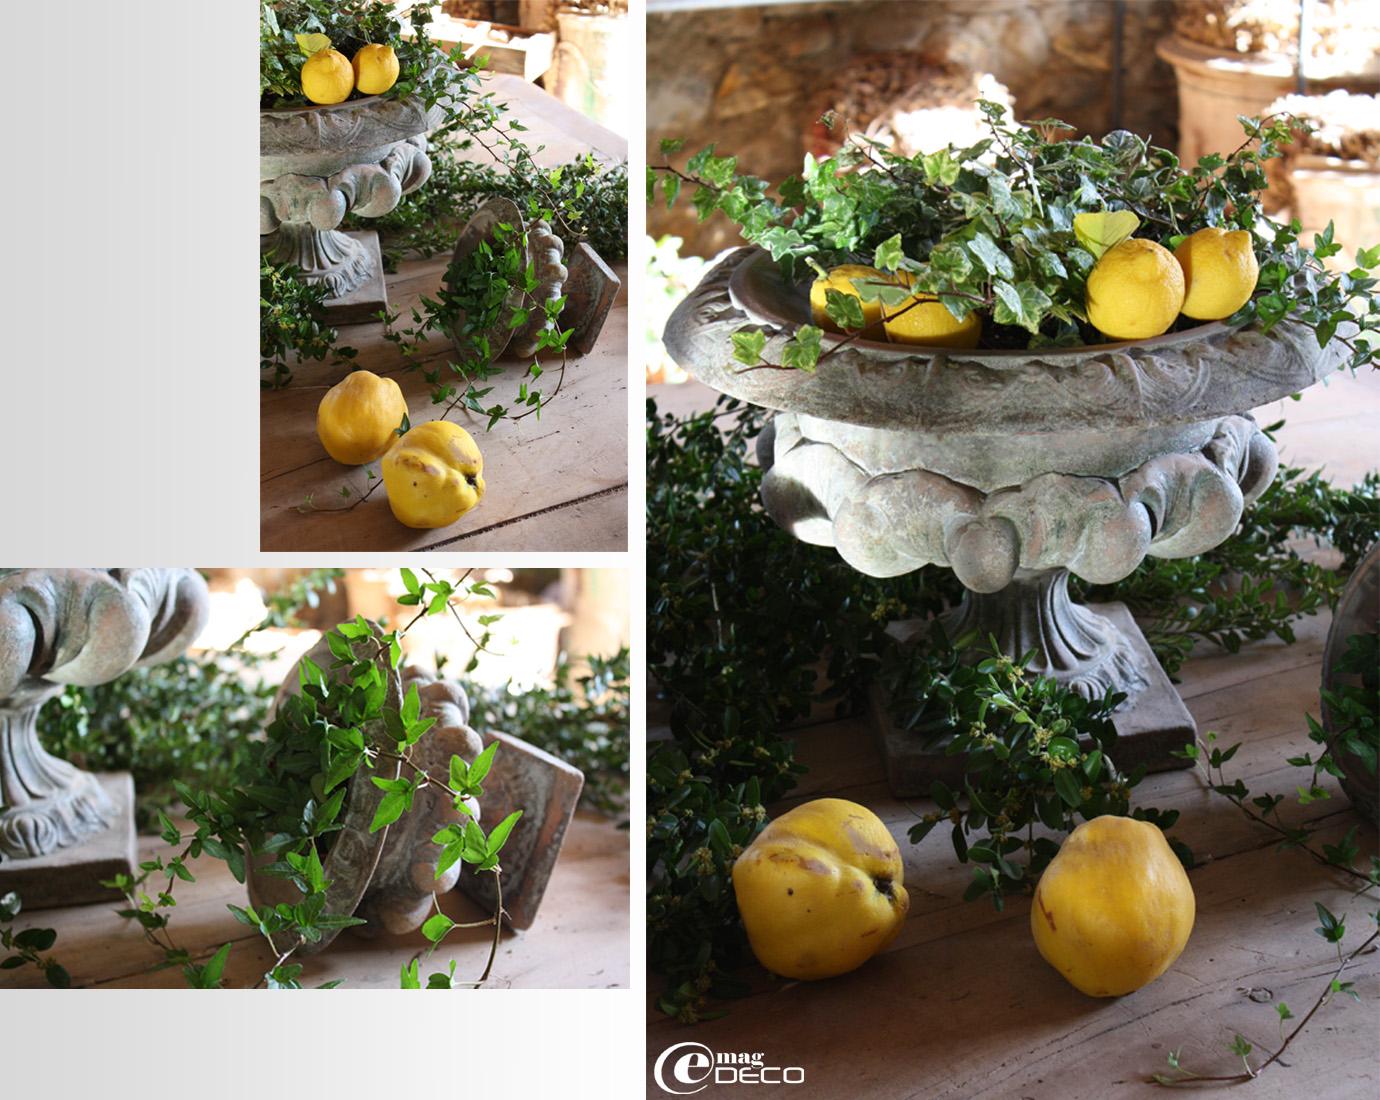 Mise en scène vase, lière et citrons